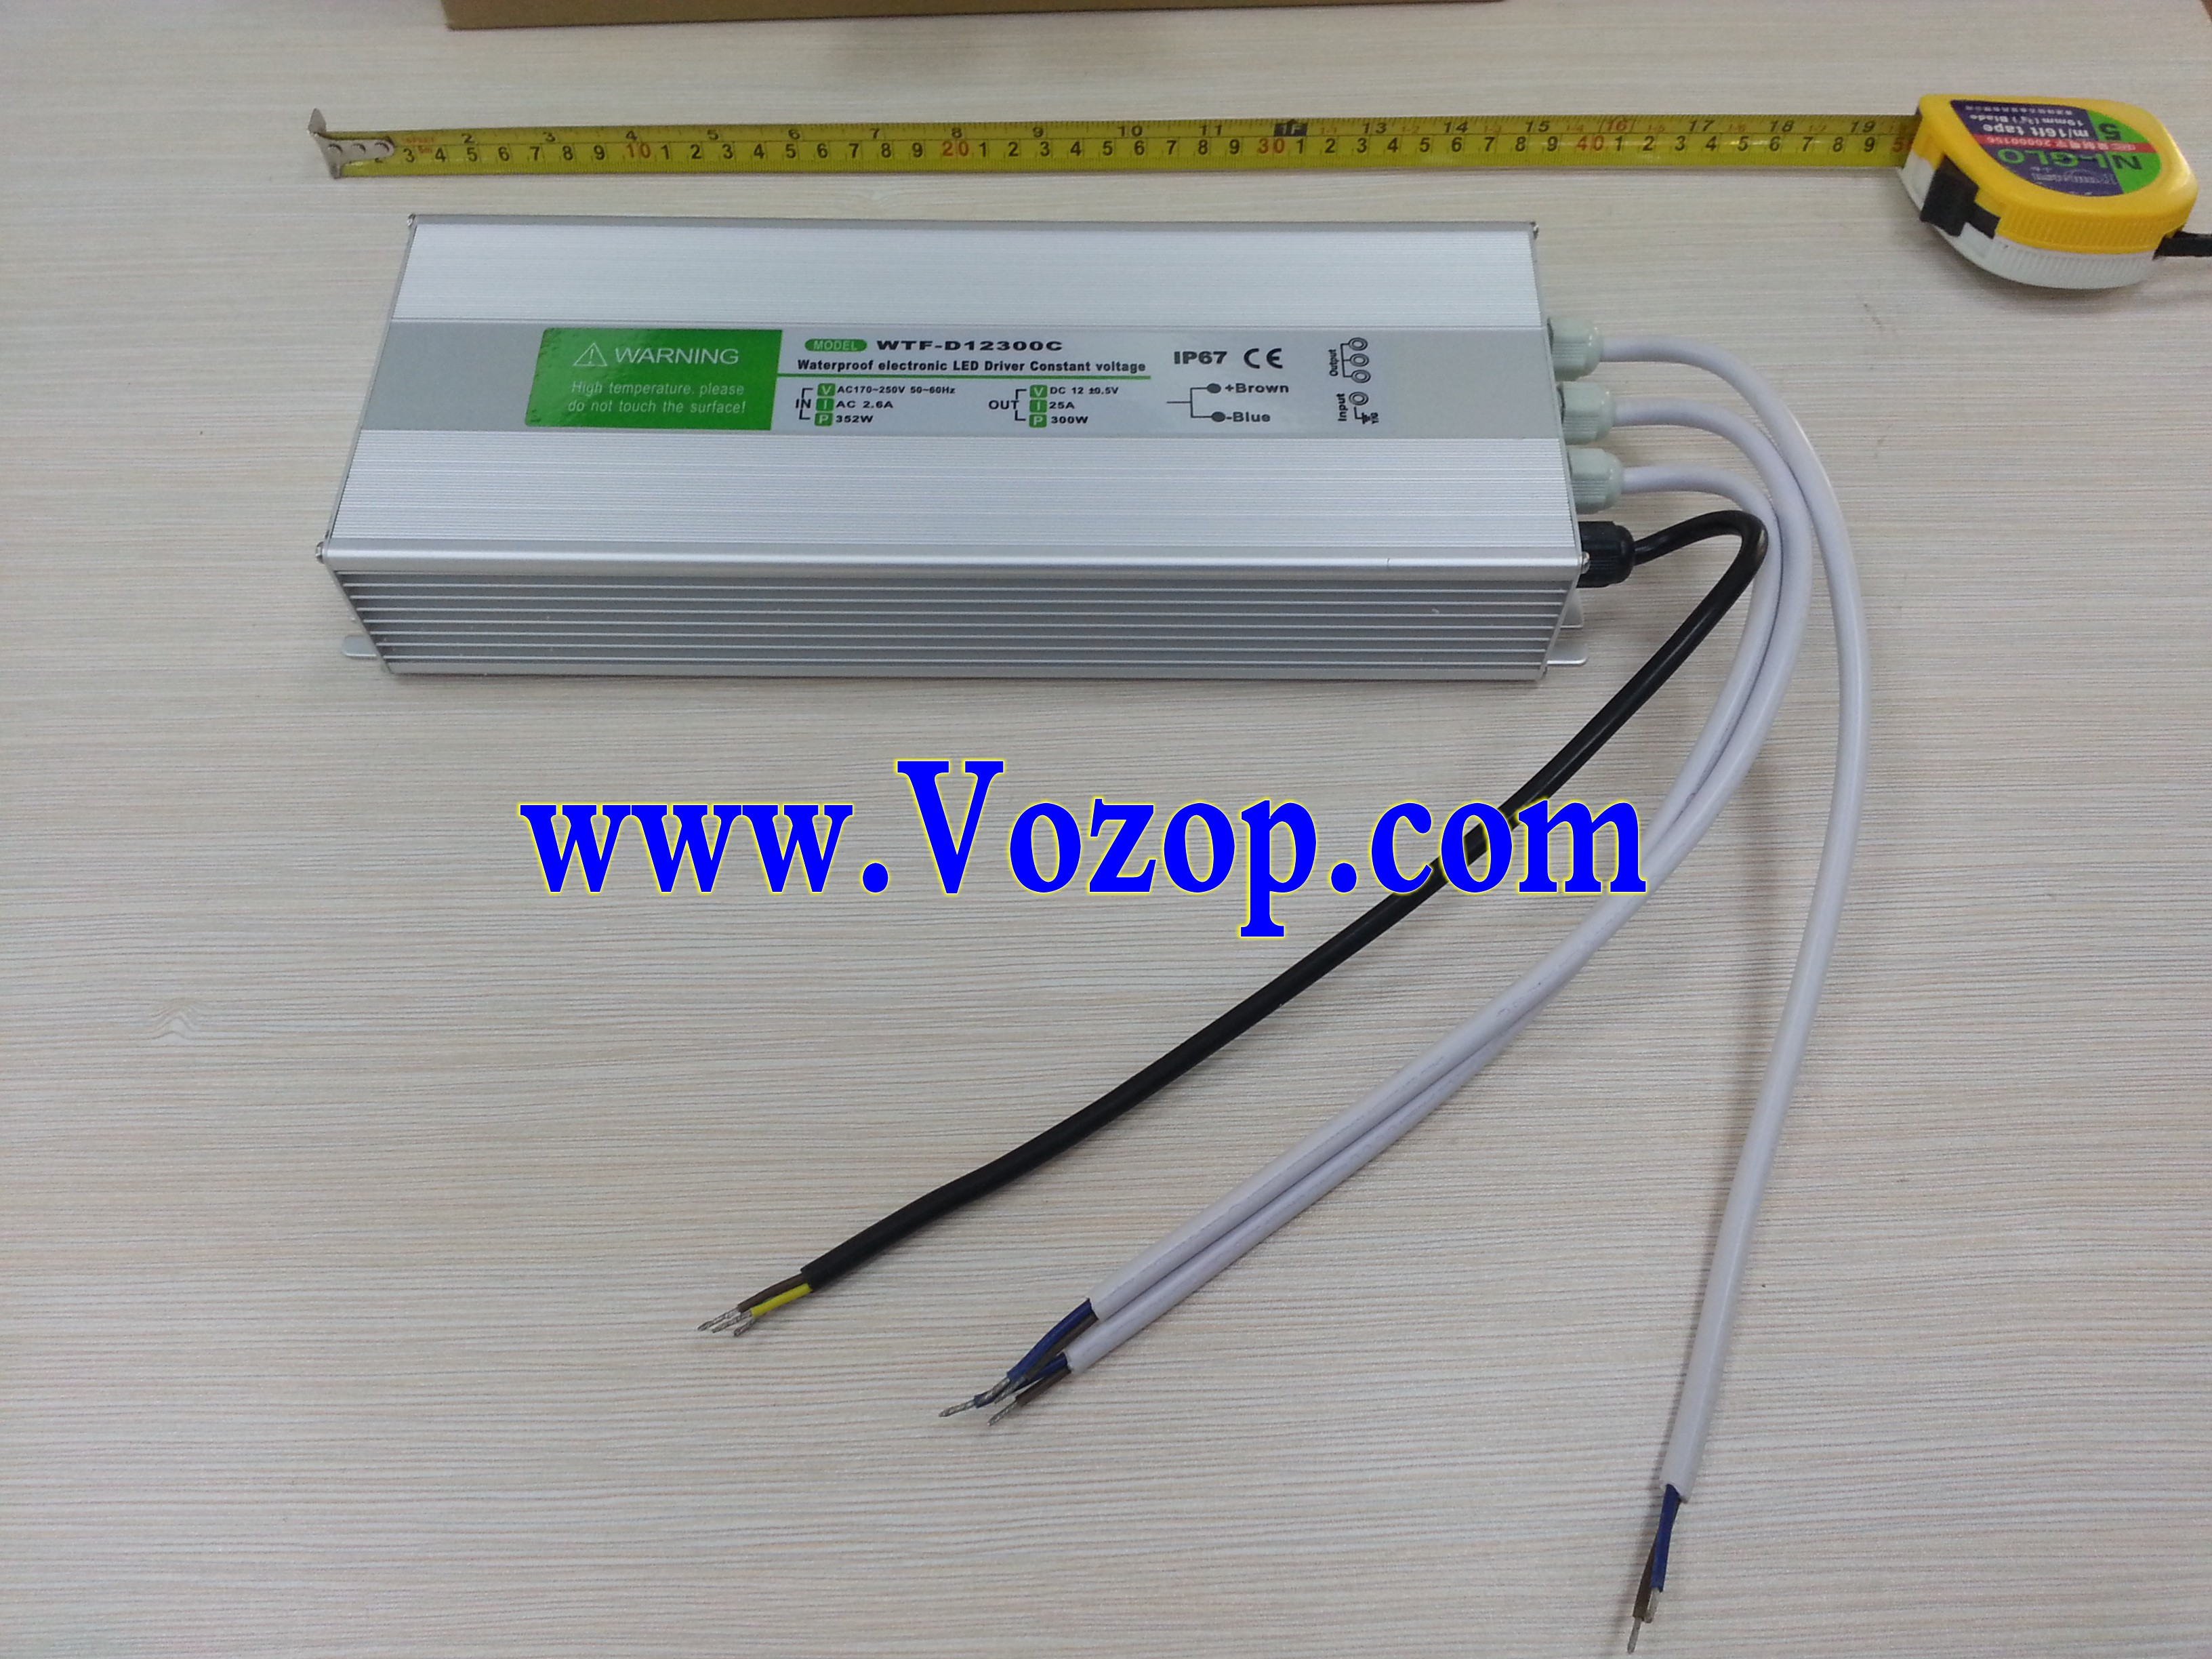 DC_12V_300W_Power_Supply_IP67_Waterproof_Transverter_for_led